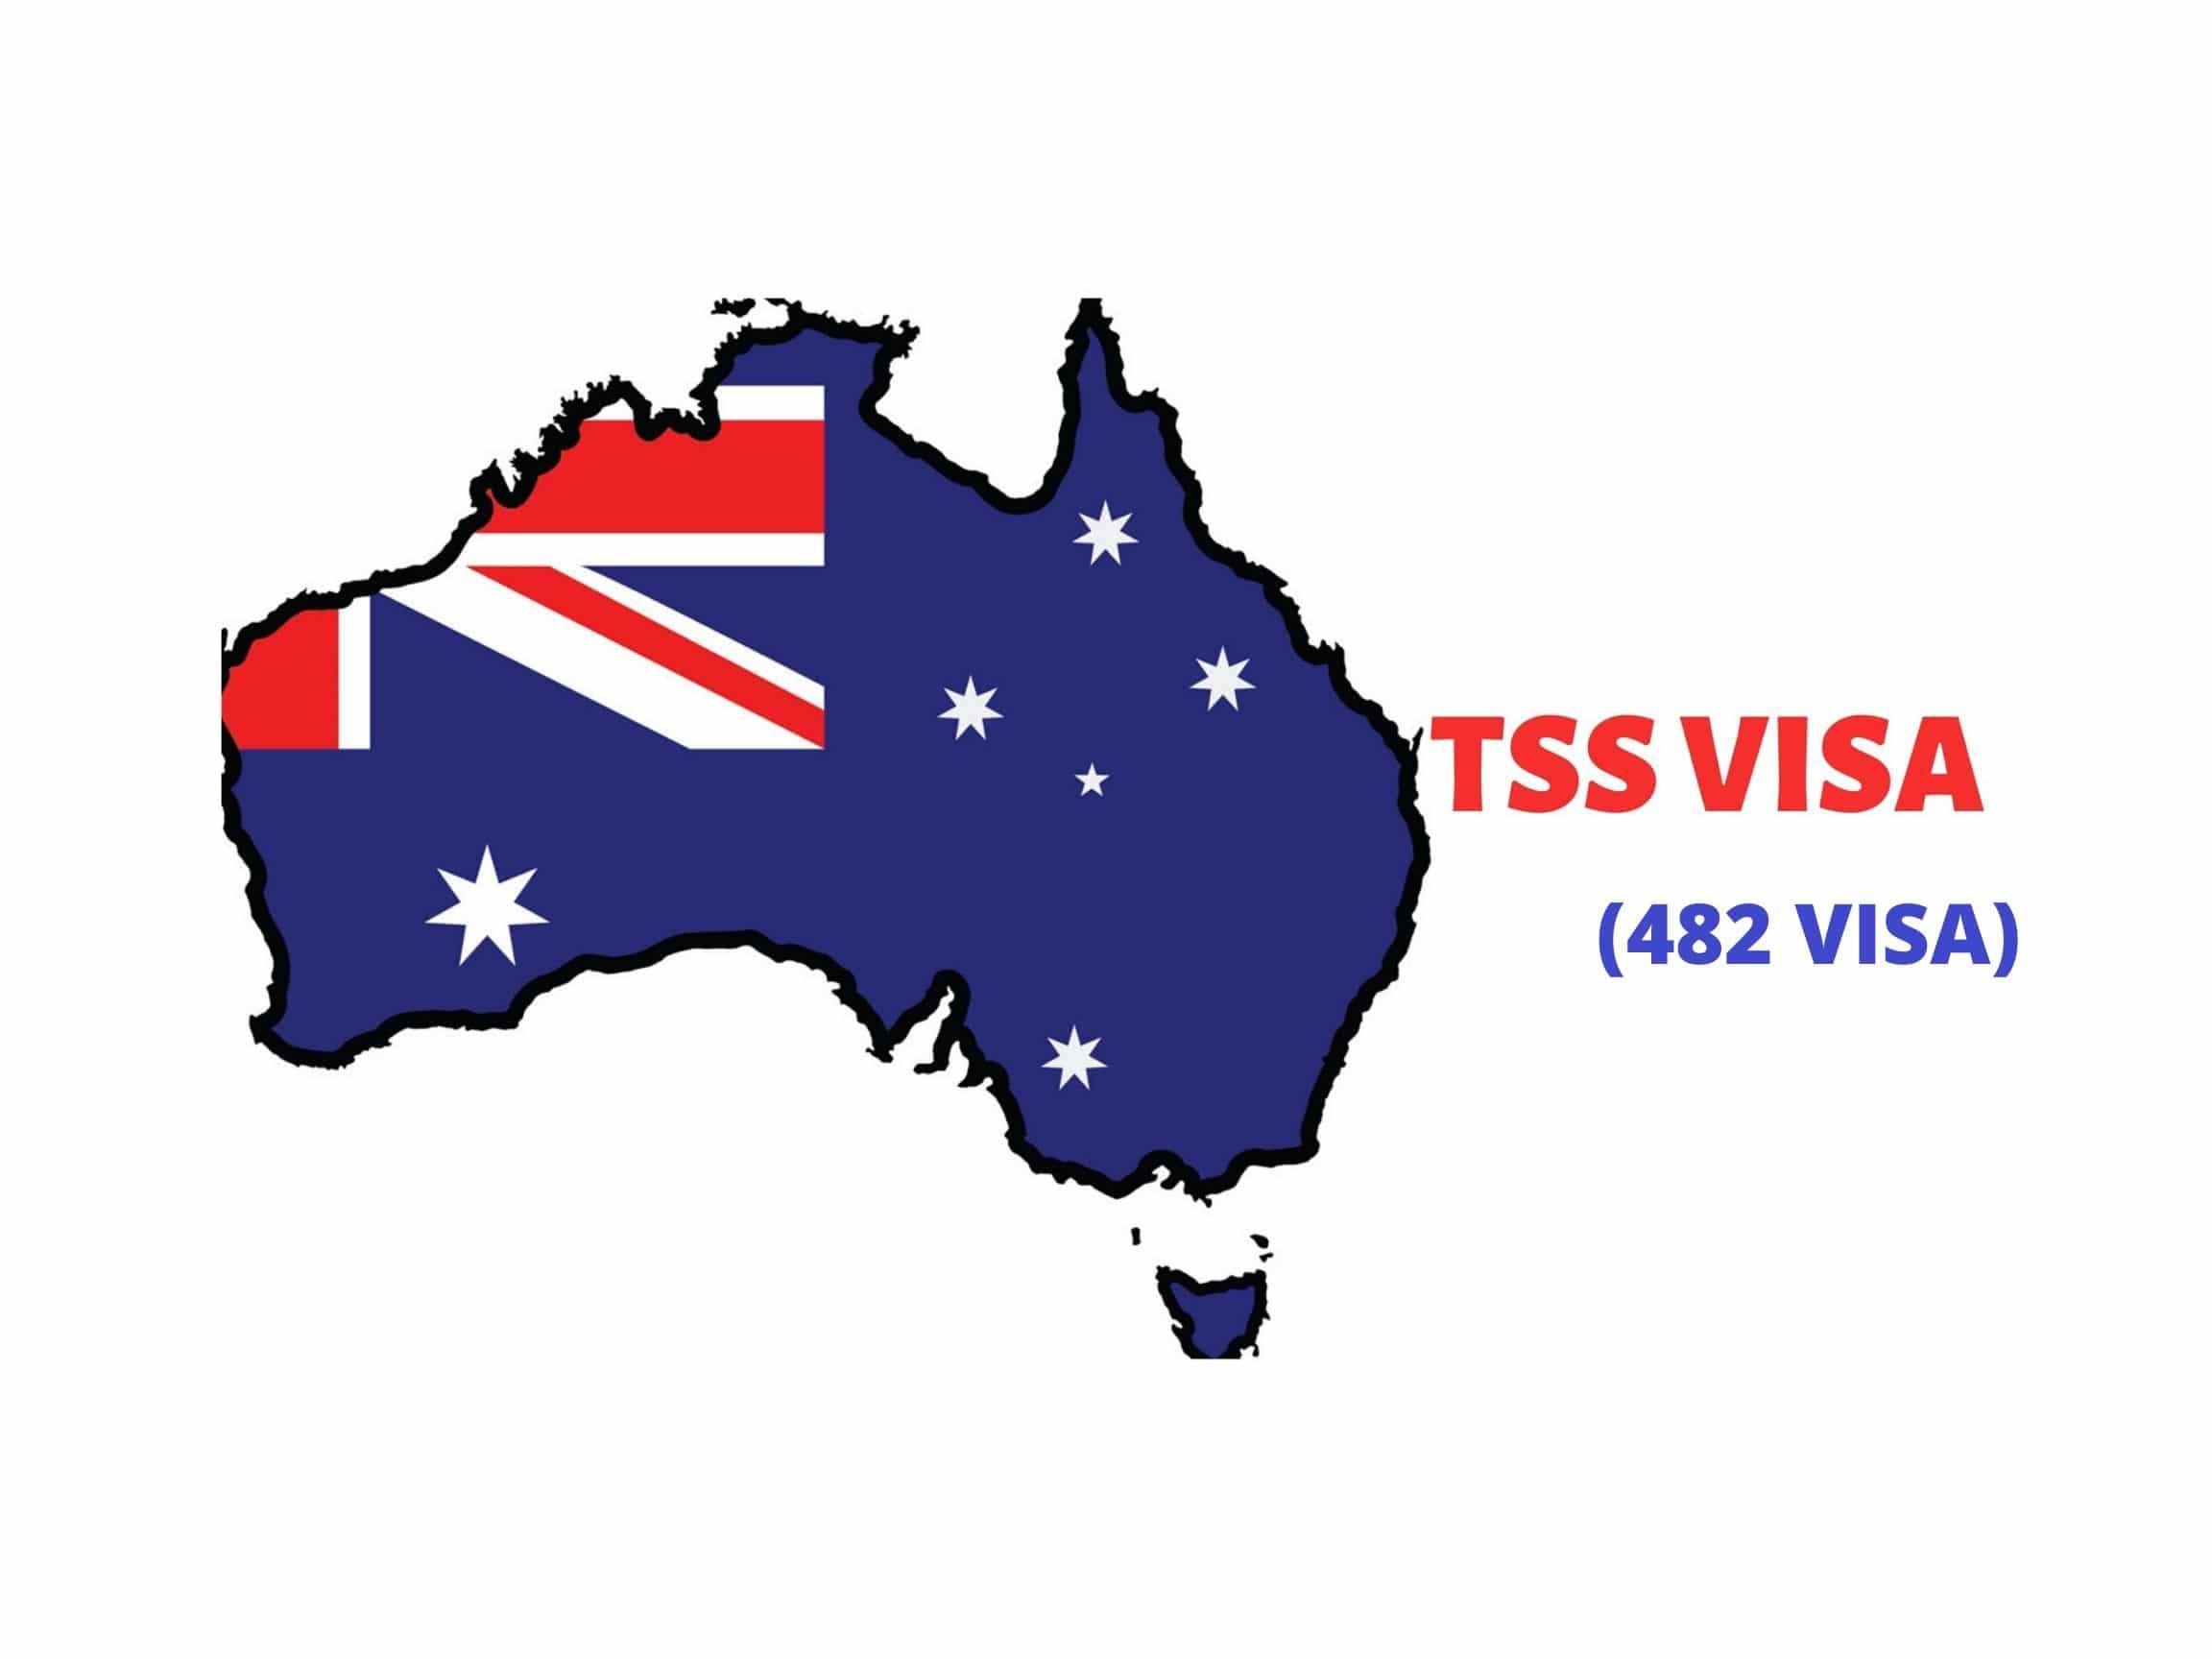 Subclass 482 – TSS Visa